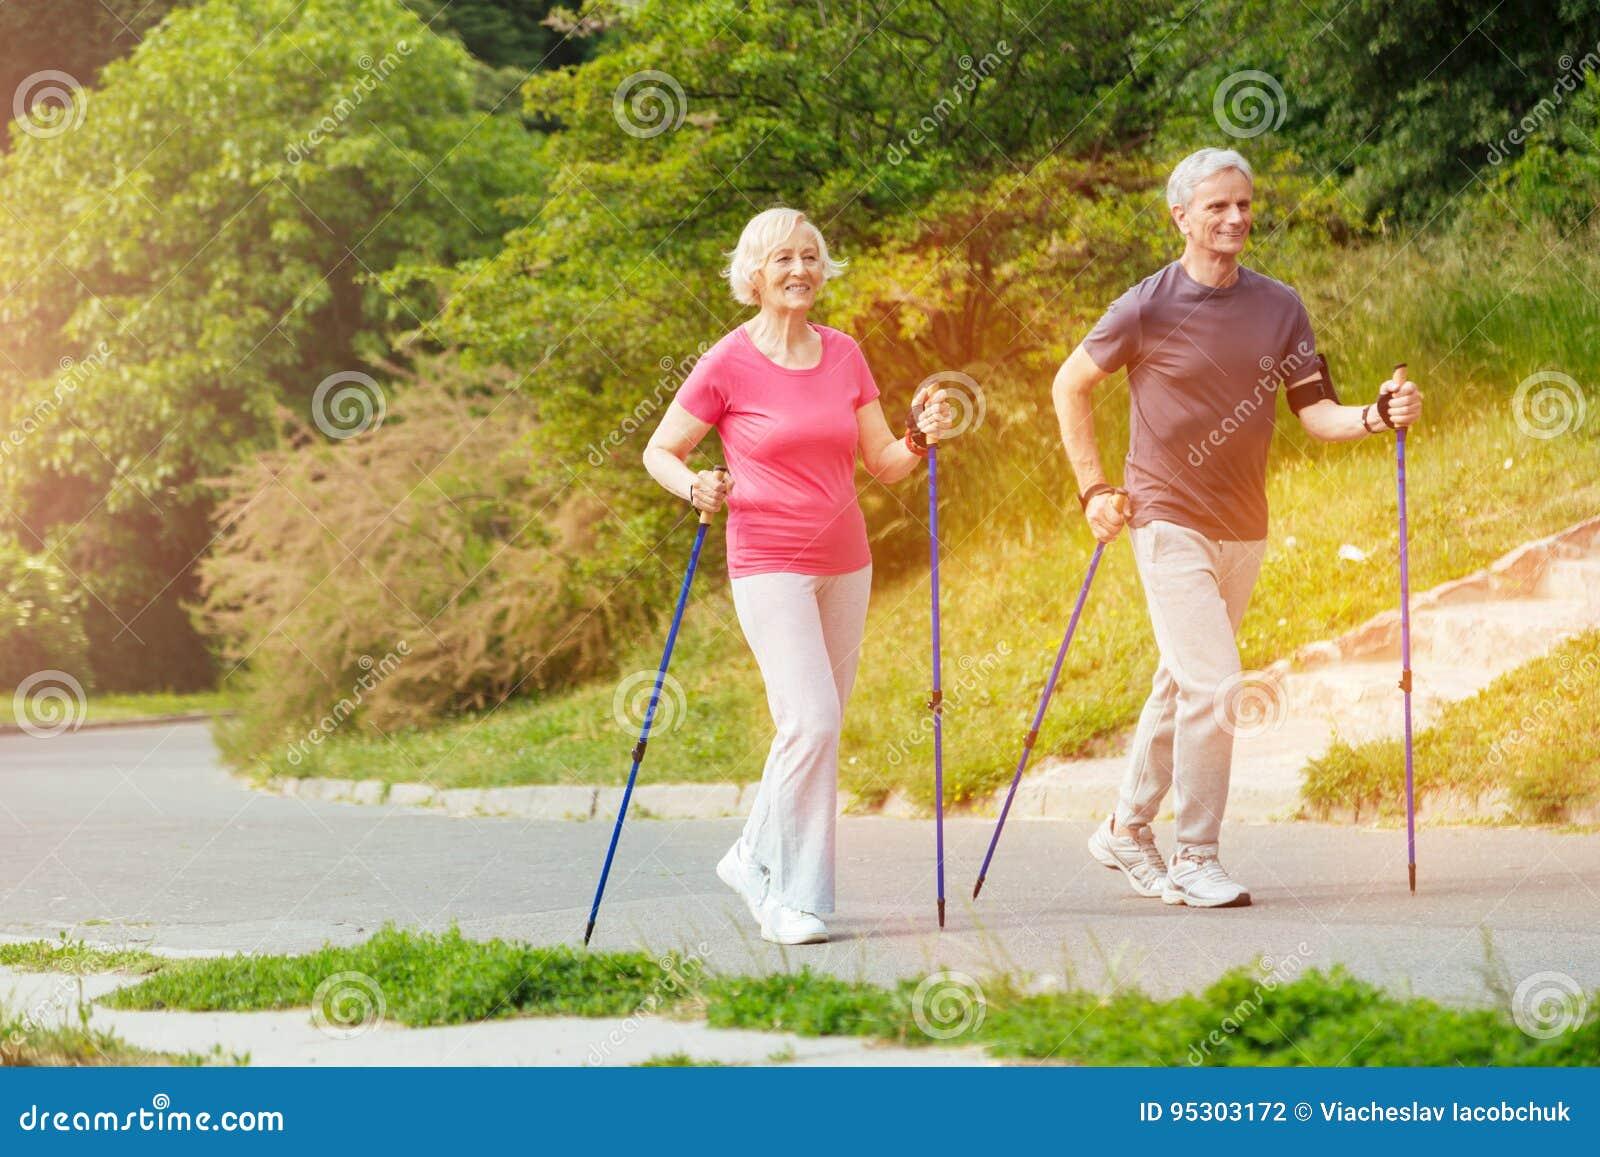 Förtjusta positiva par som leder en aktiv livsstil